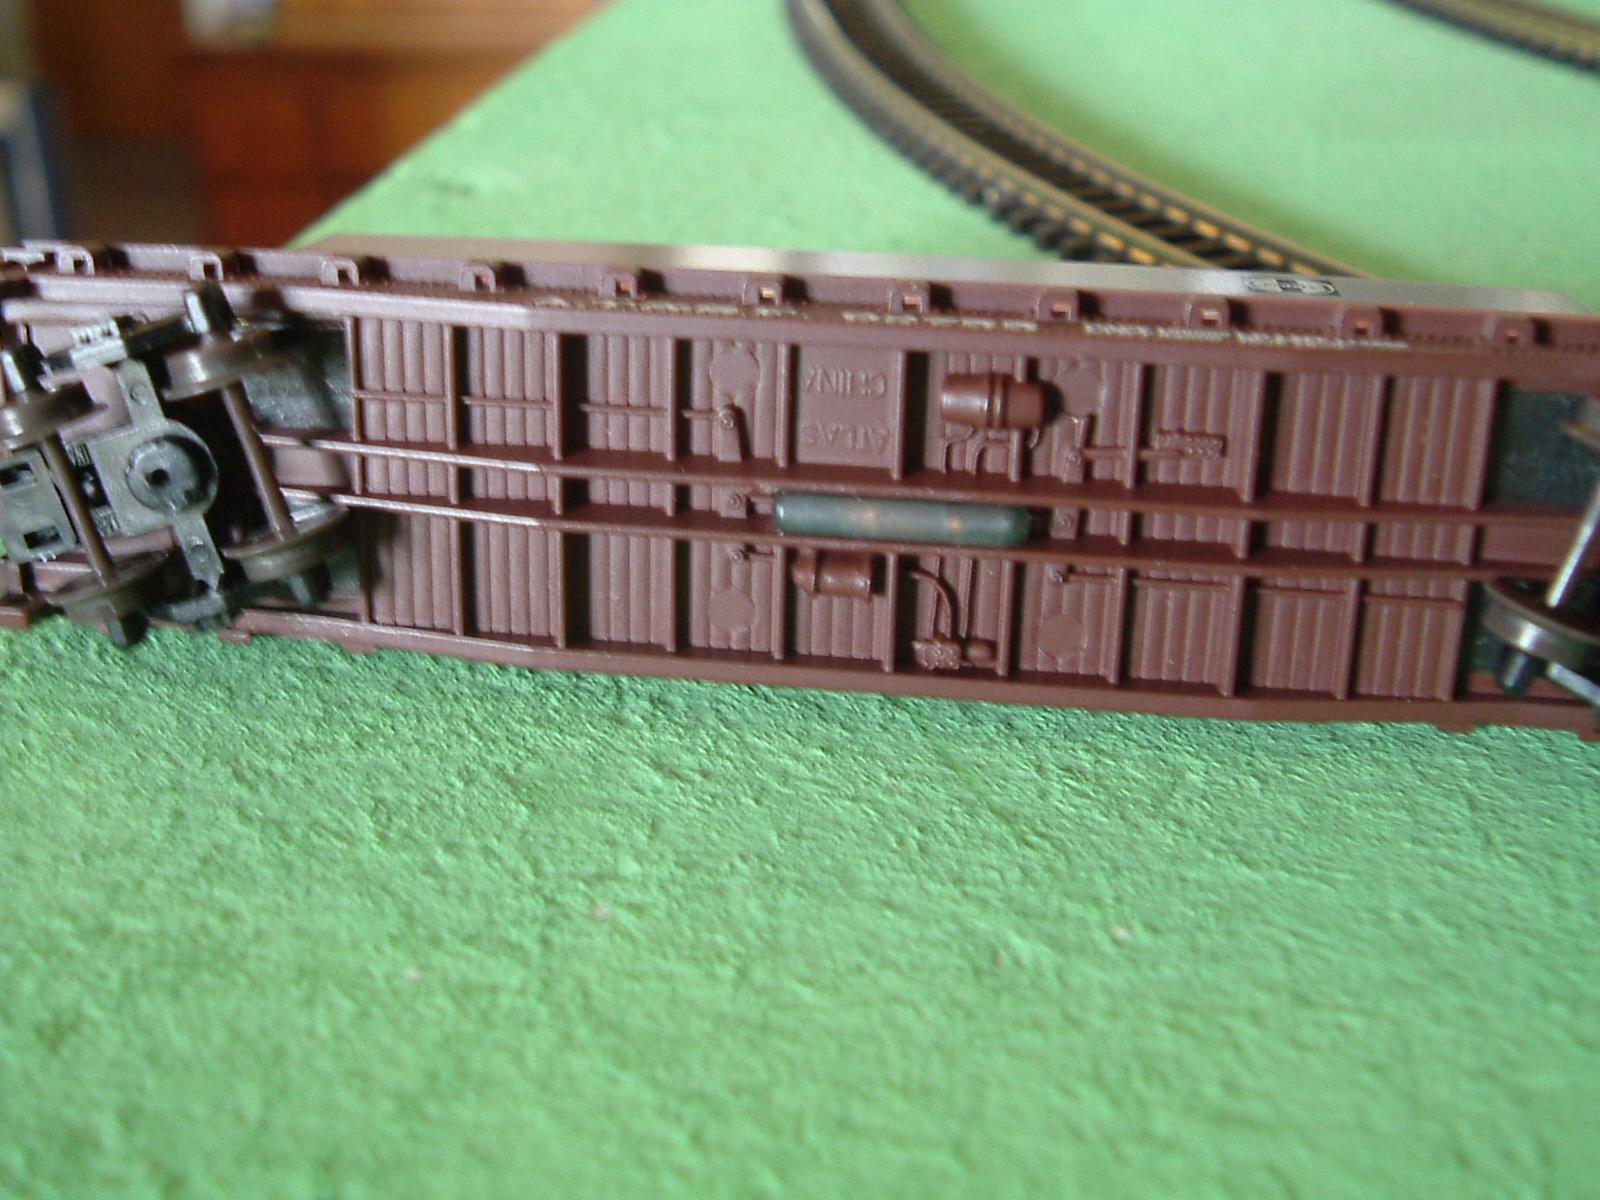 Using RFID on a model railway